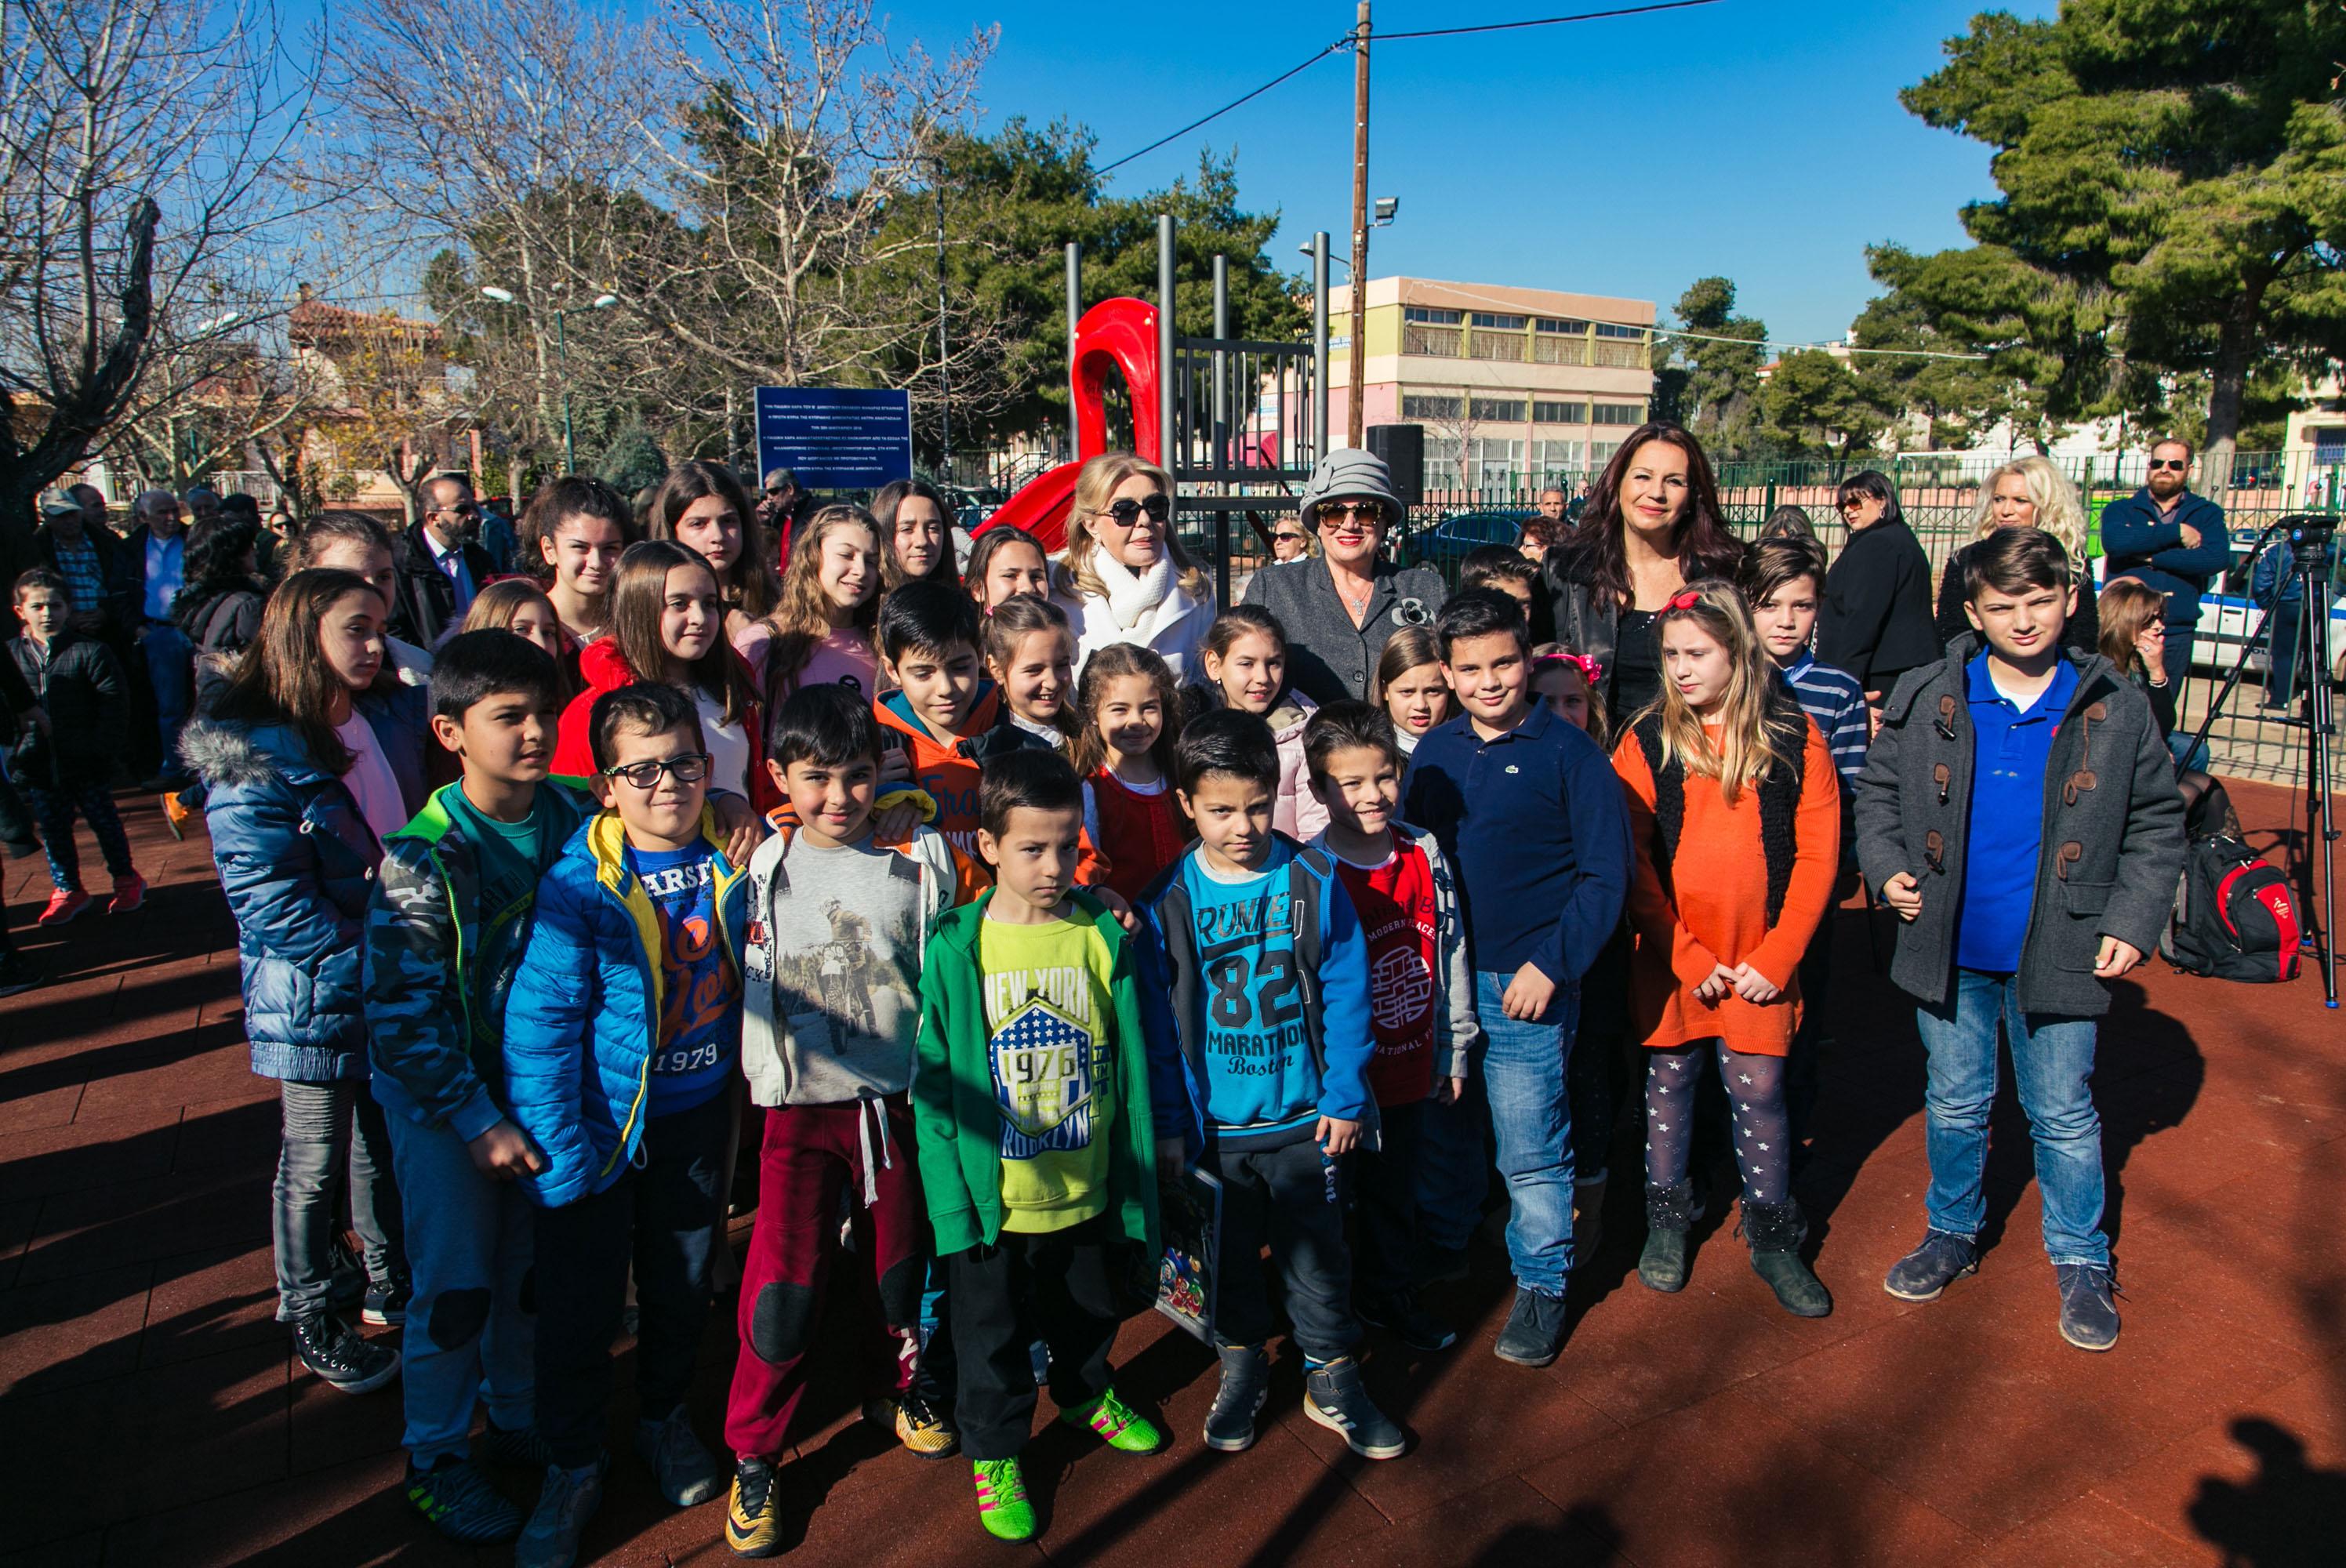 Μαριάννα Β. Βαρδινογιάννη – Άντρη Aναστασιάδη: Εγκαινίασαν την Παιδική Χαρά του 2ου Δημοτικού Σχολείου της Μάνδρας Αττικής | tlife.gr